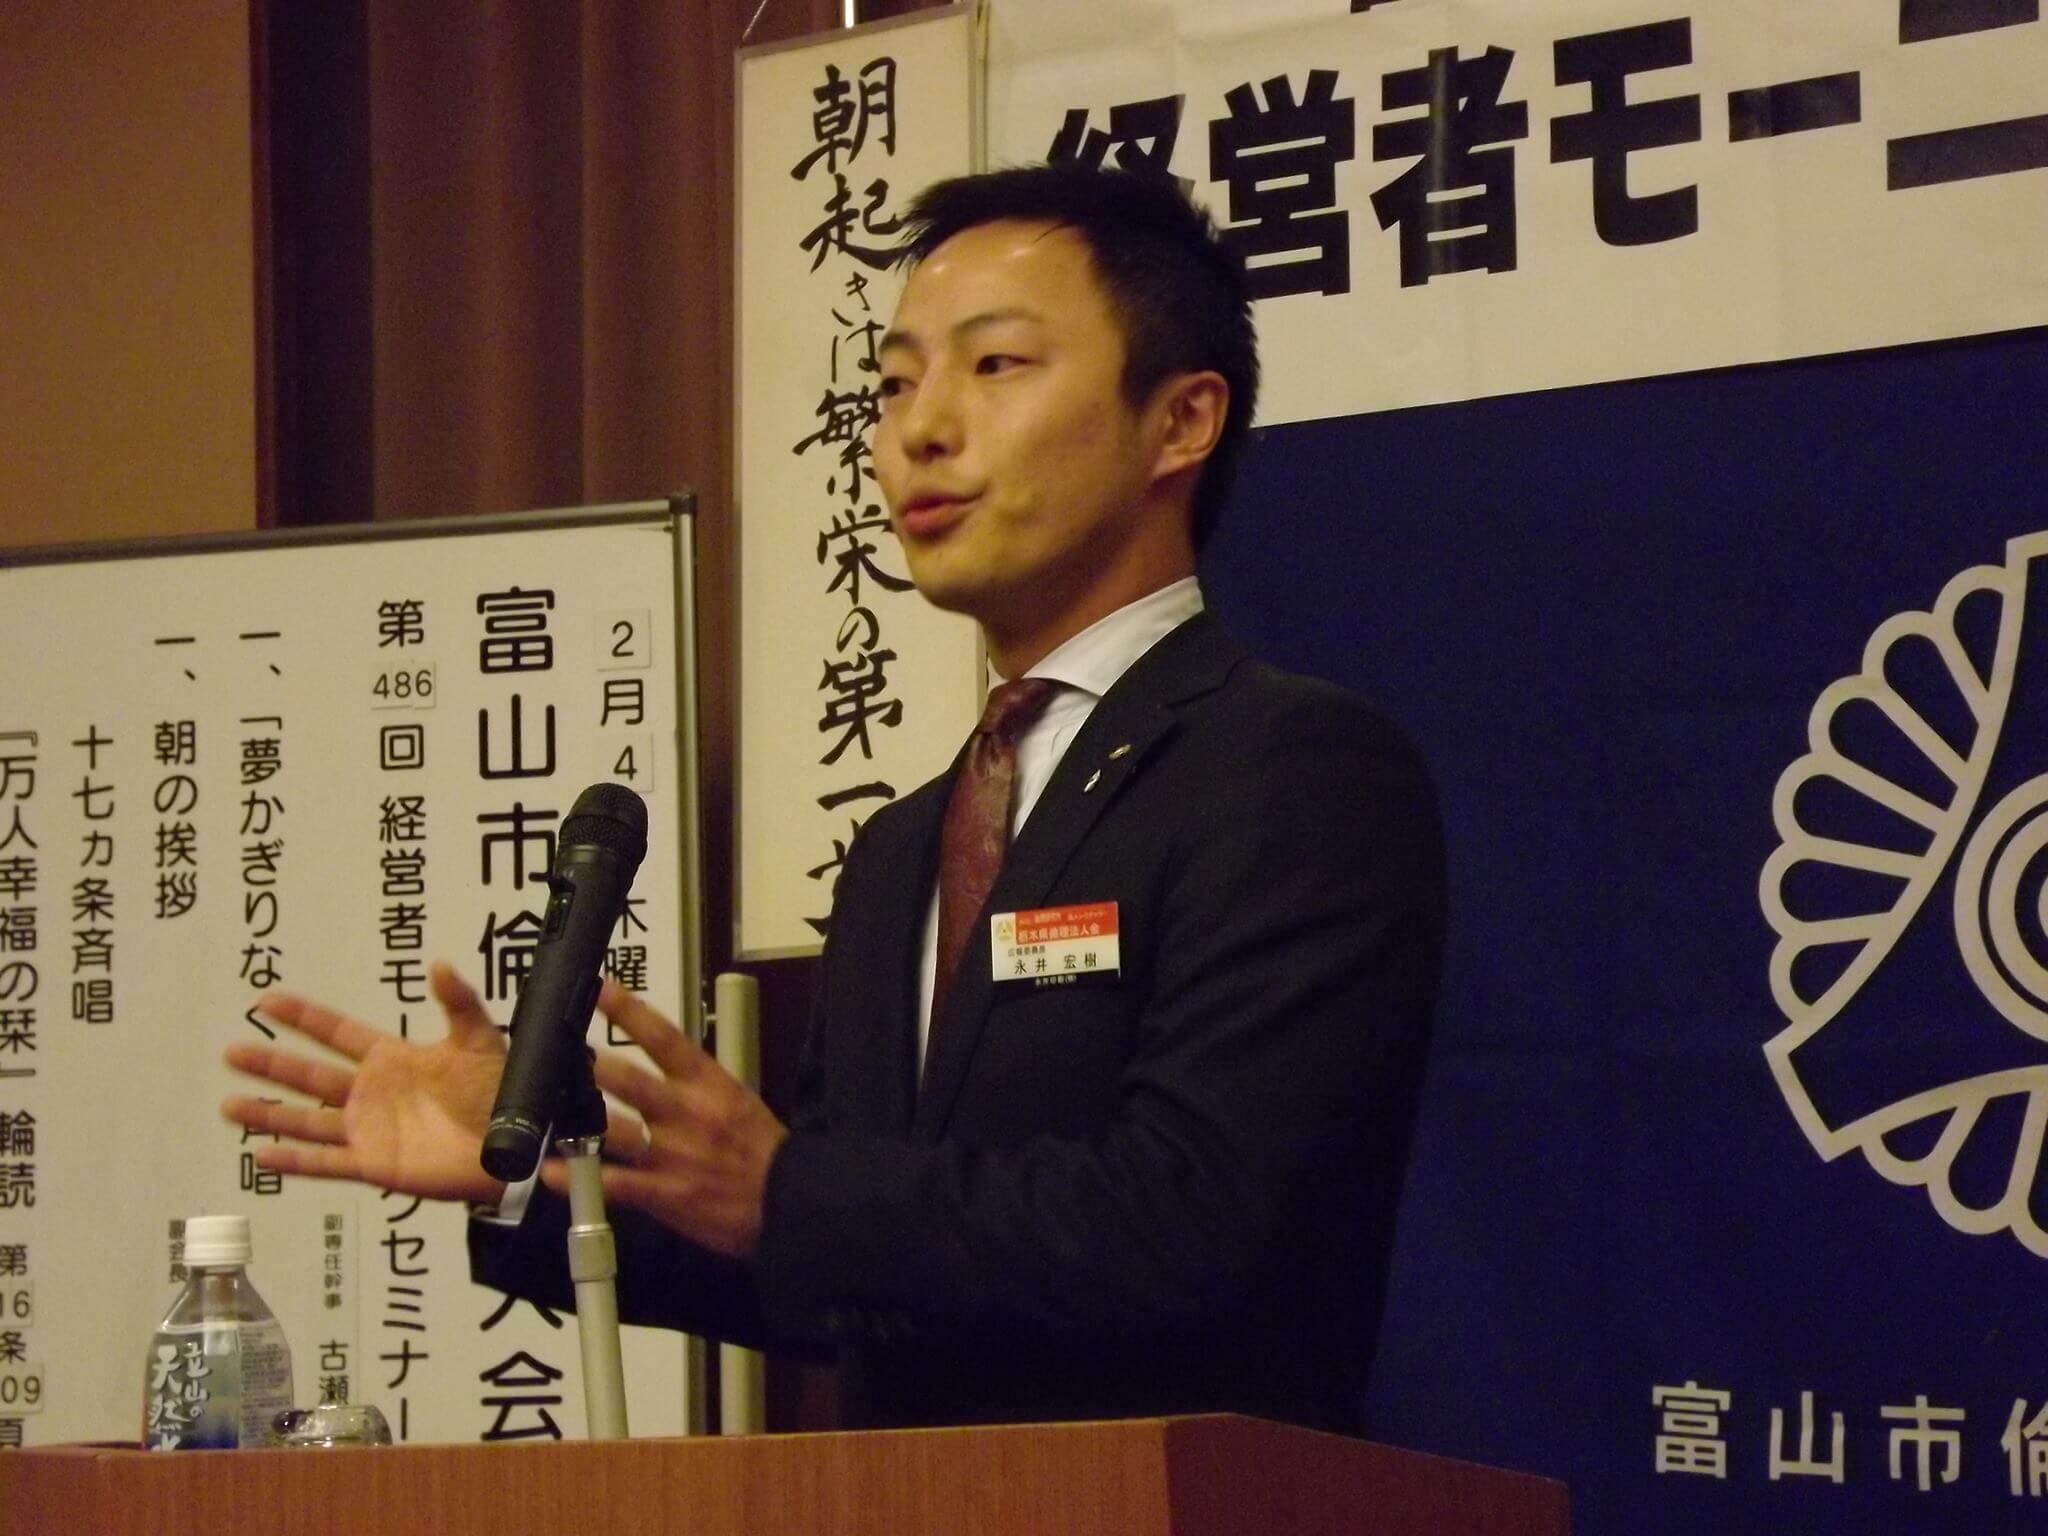 永井印刷㈱ 代表取締役 の永井宏樹さん